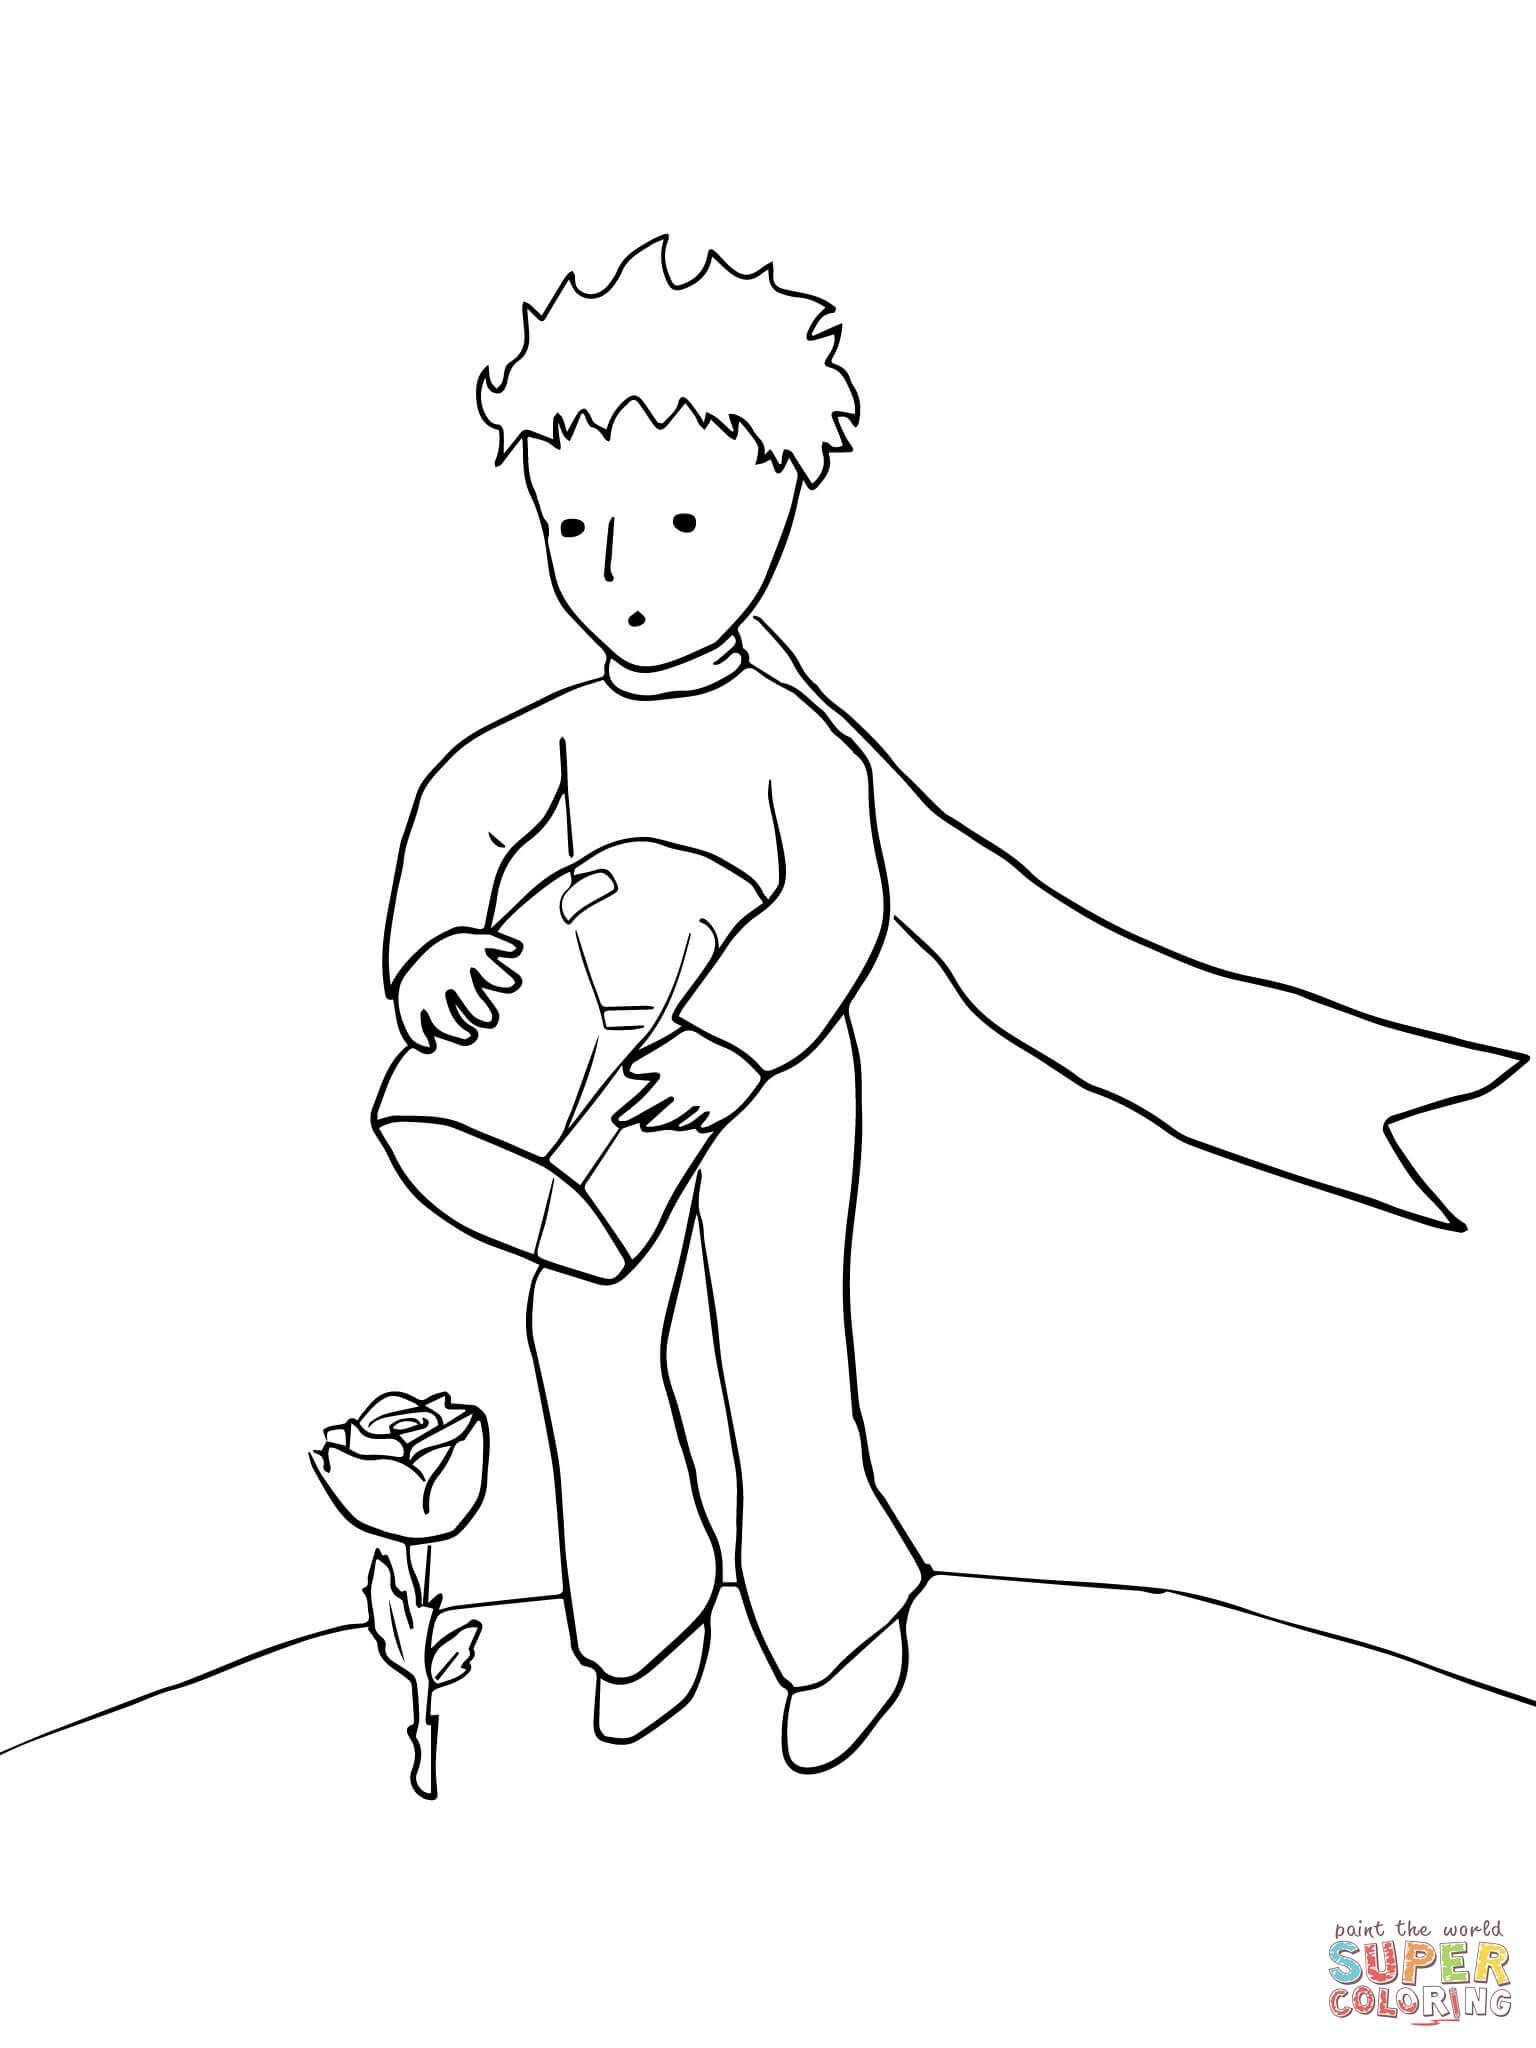 Klick das Bild Der kleine Prinz